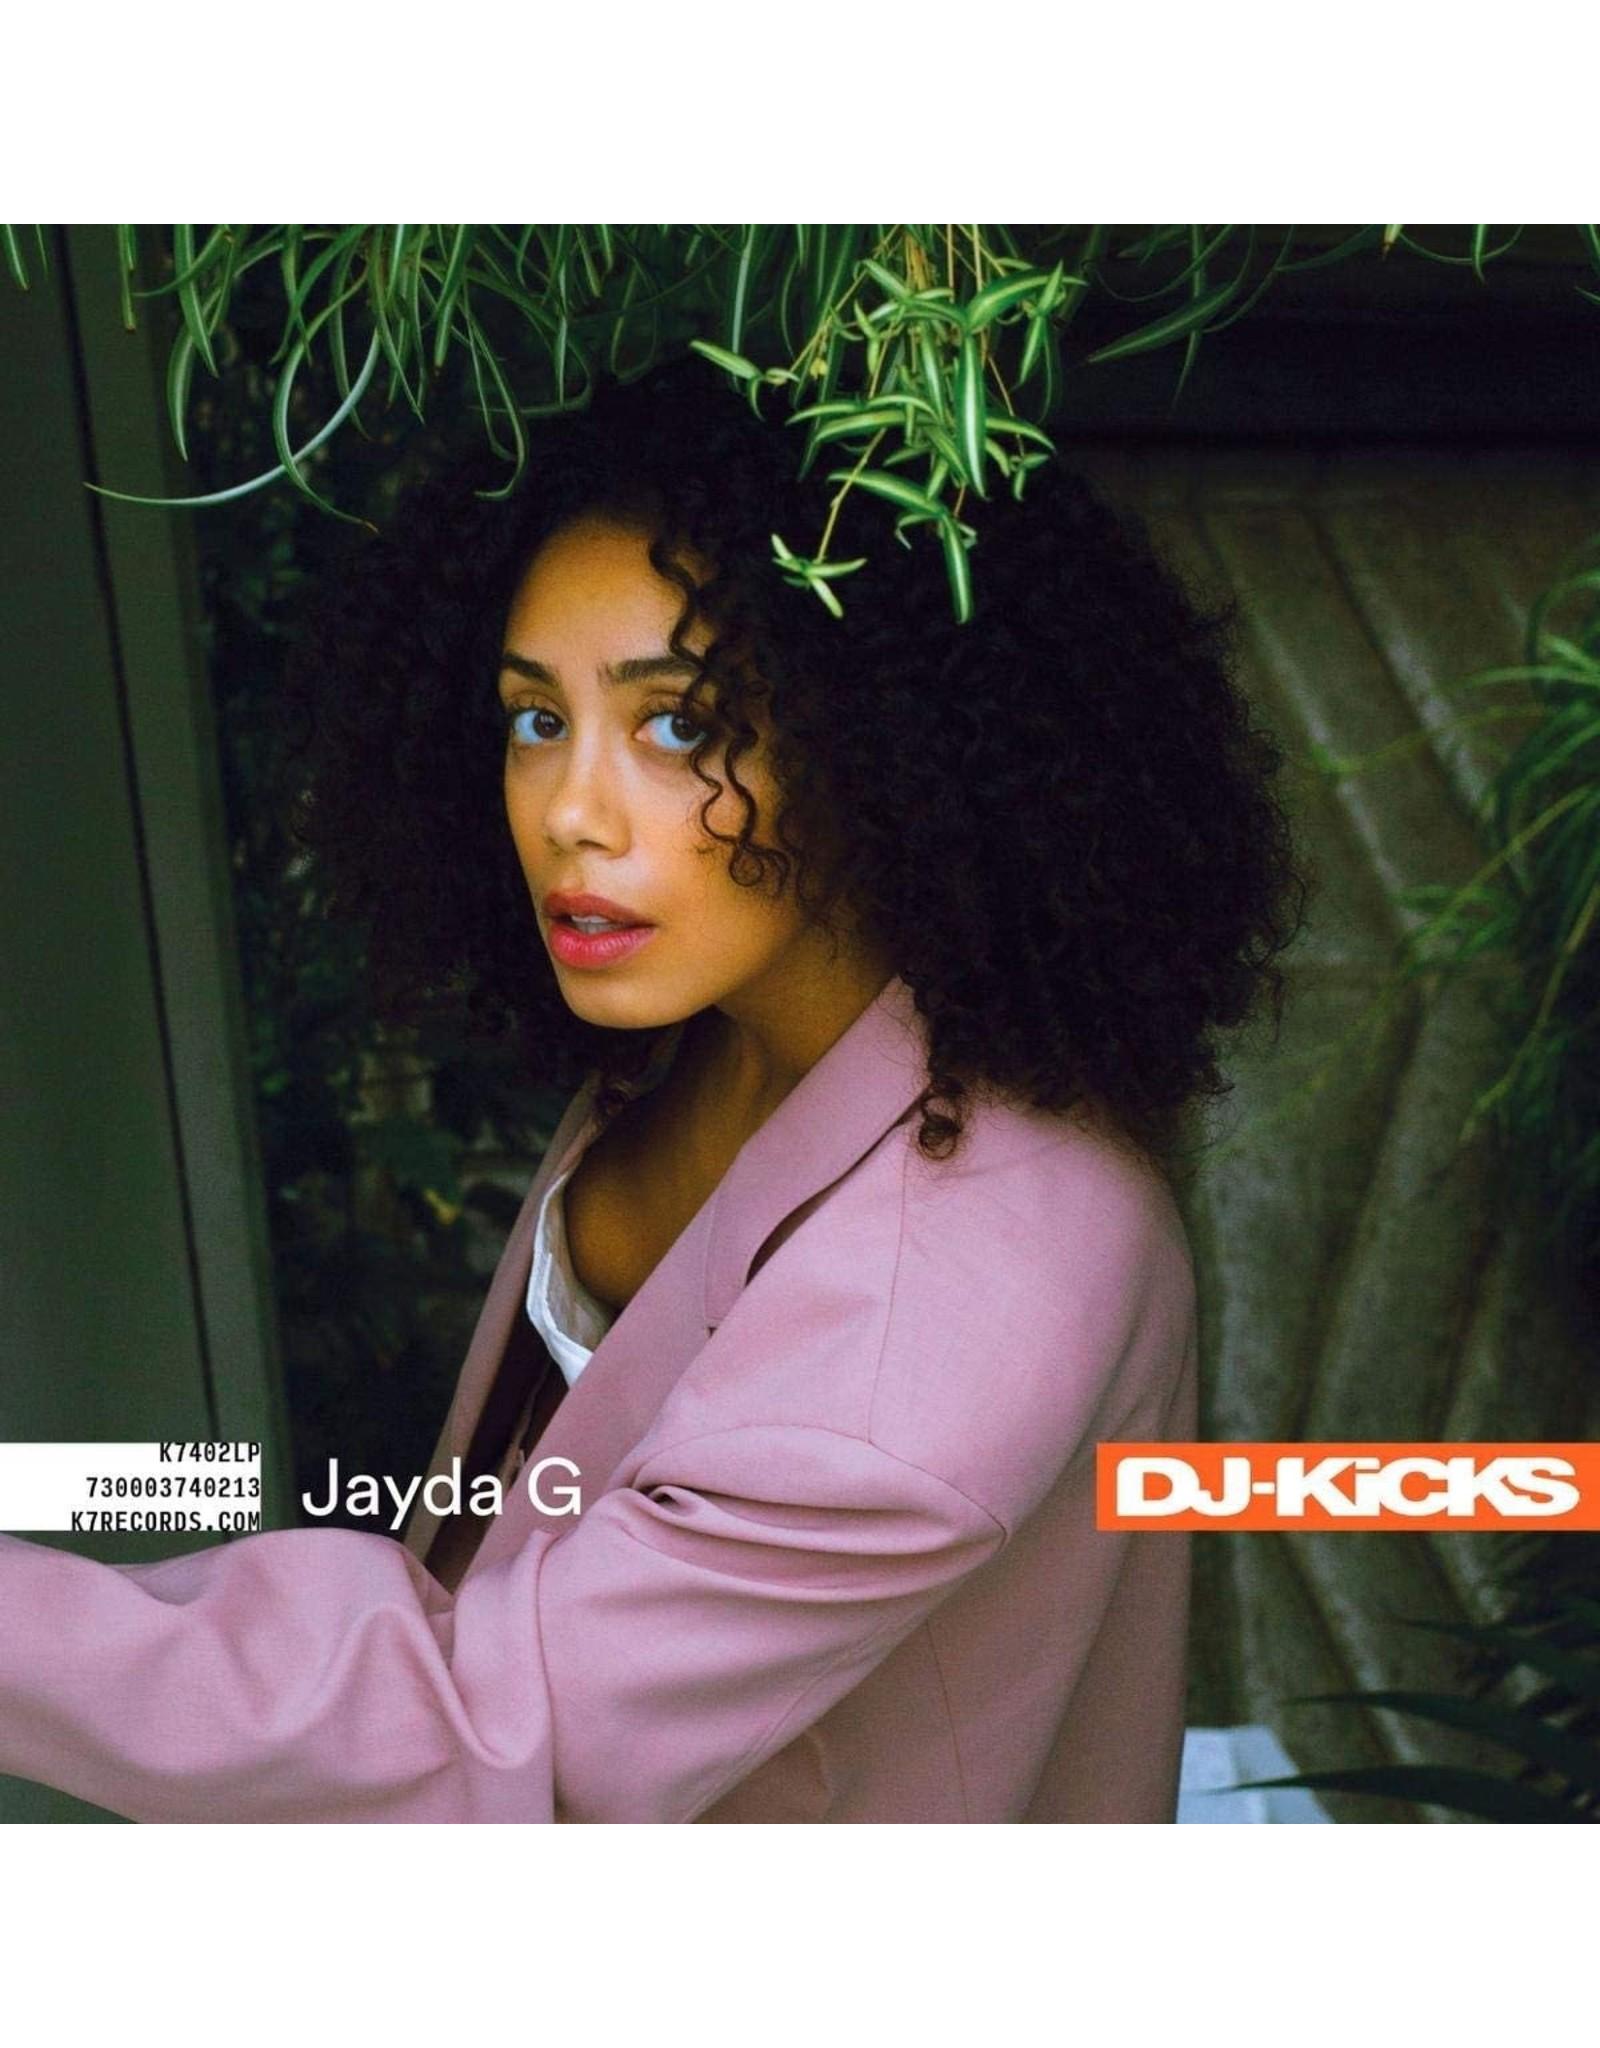 Jayda G - Jayda G: DJ-Kicks